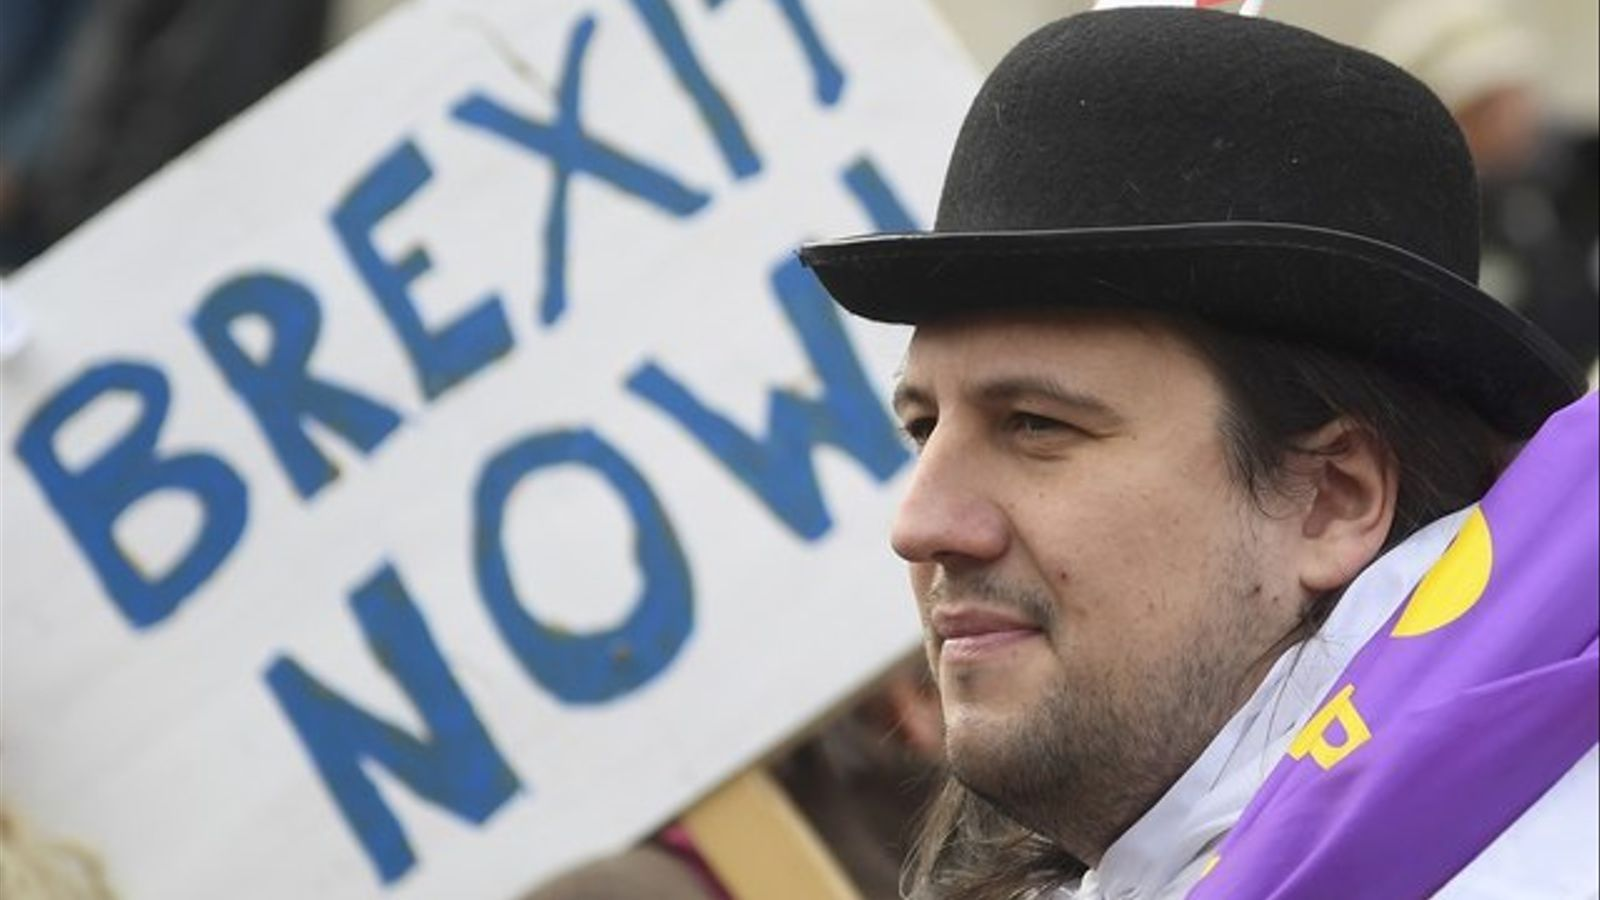 Un londinenc reclama al govern britànic que invoqui l'article 50 per iniciar el Brexit.